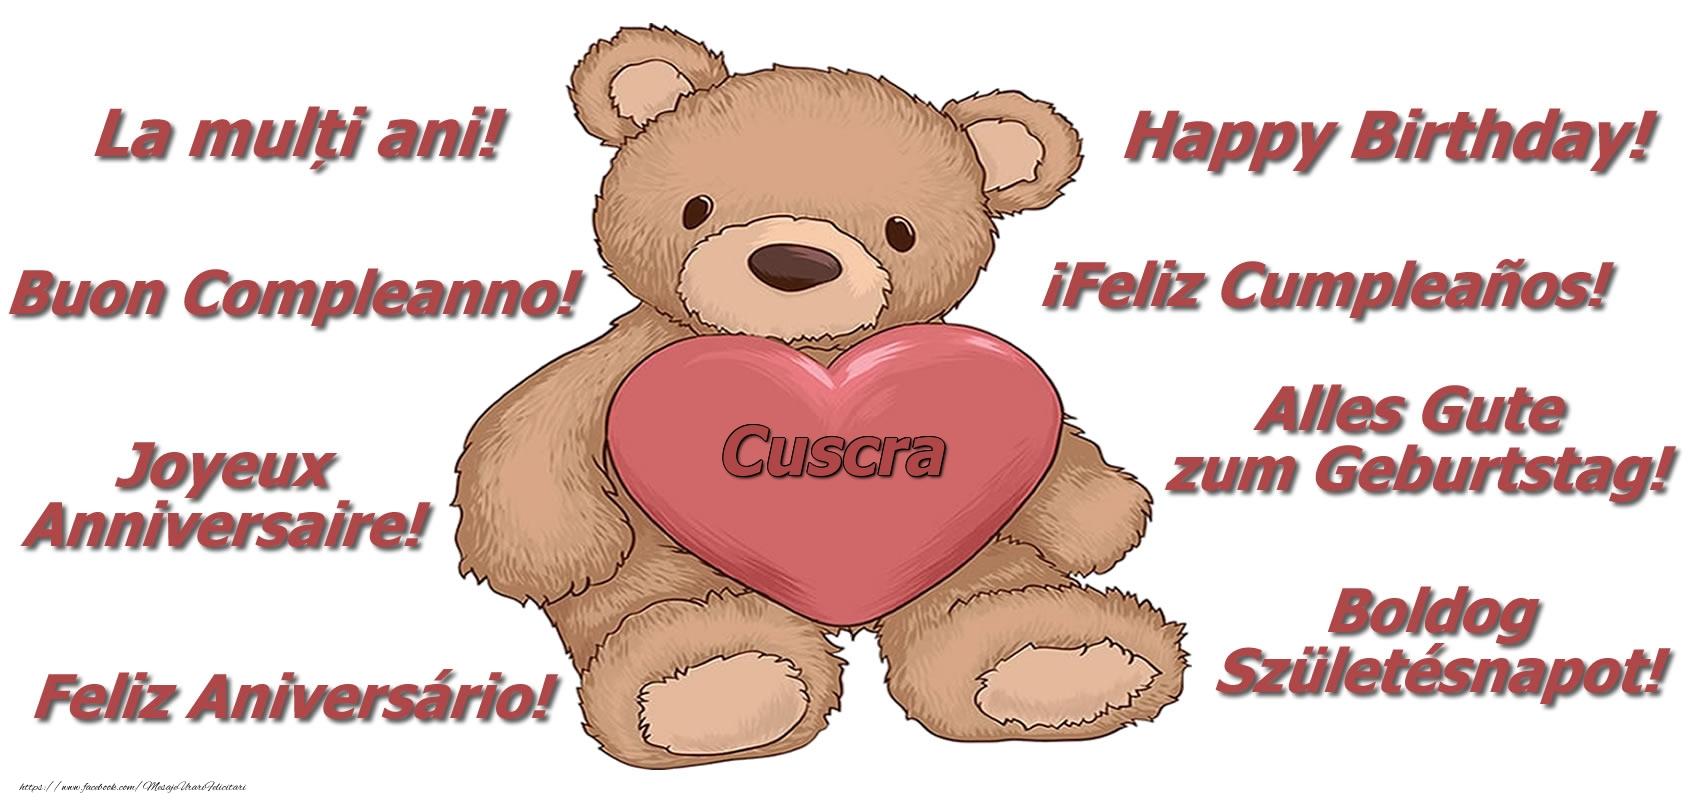 Felicitari frumoase de zi de nastere pentru Cuscra | La multi ani cuscra! - Ursulet